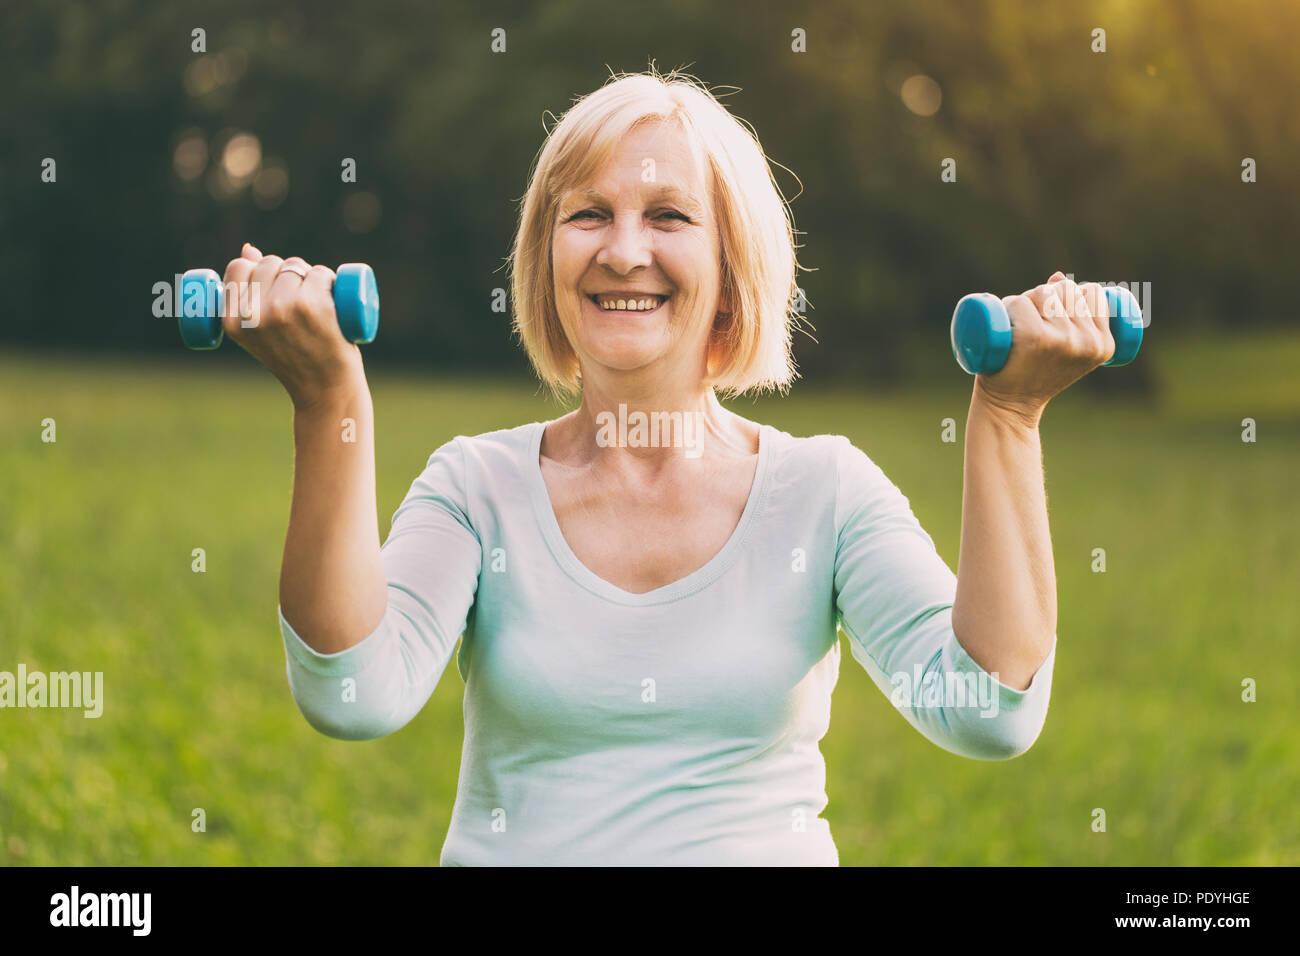 Sportliche ältere Frau Trainieren mit Gewichten outdoor. Bild ist absichtlich abgeschwächt. Stockbild